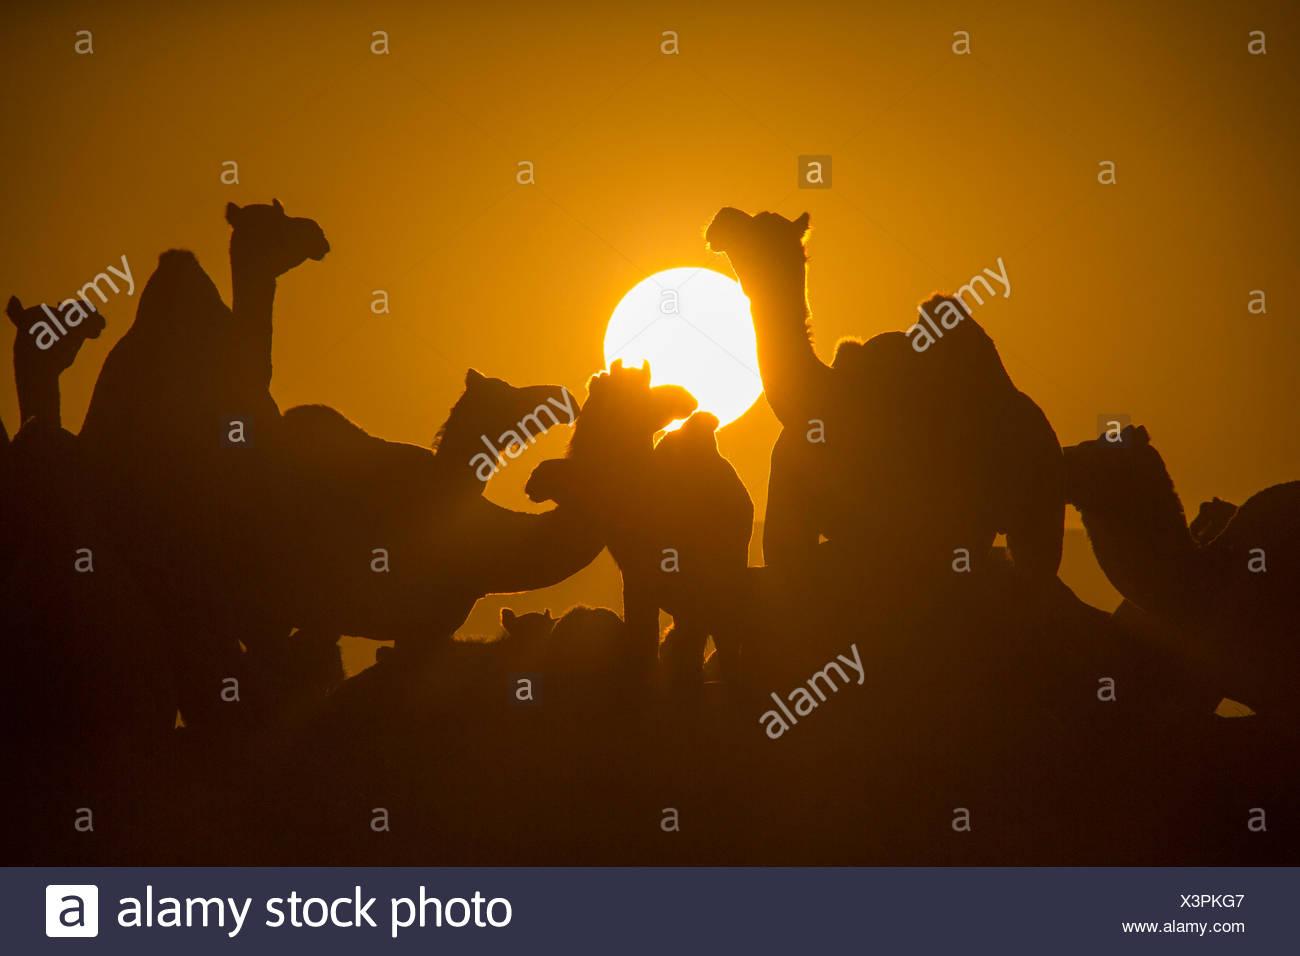 Pushkar Mela mercado de camellos camellos dromedarios Pushkar Rajasthan India Asia India mercado animal animales sundown atardecer Foto de stock